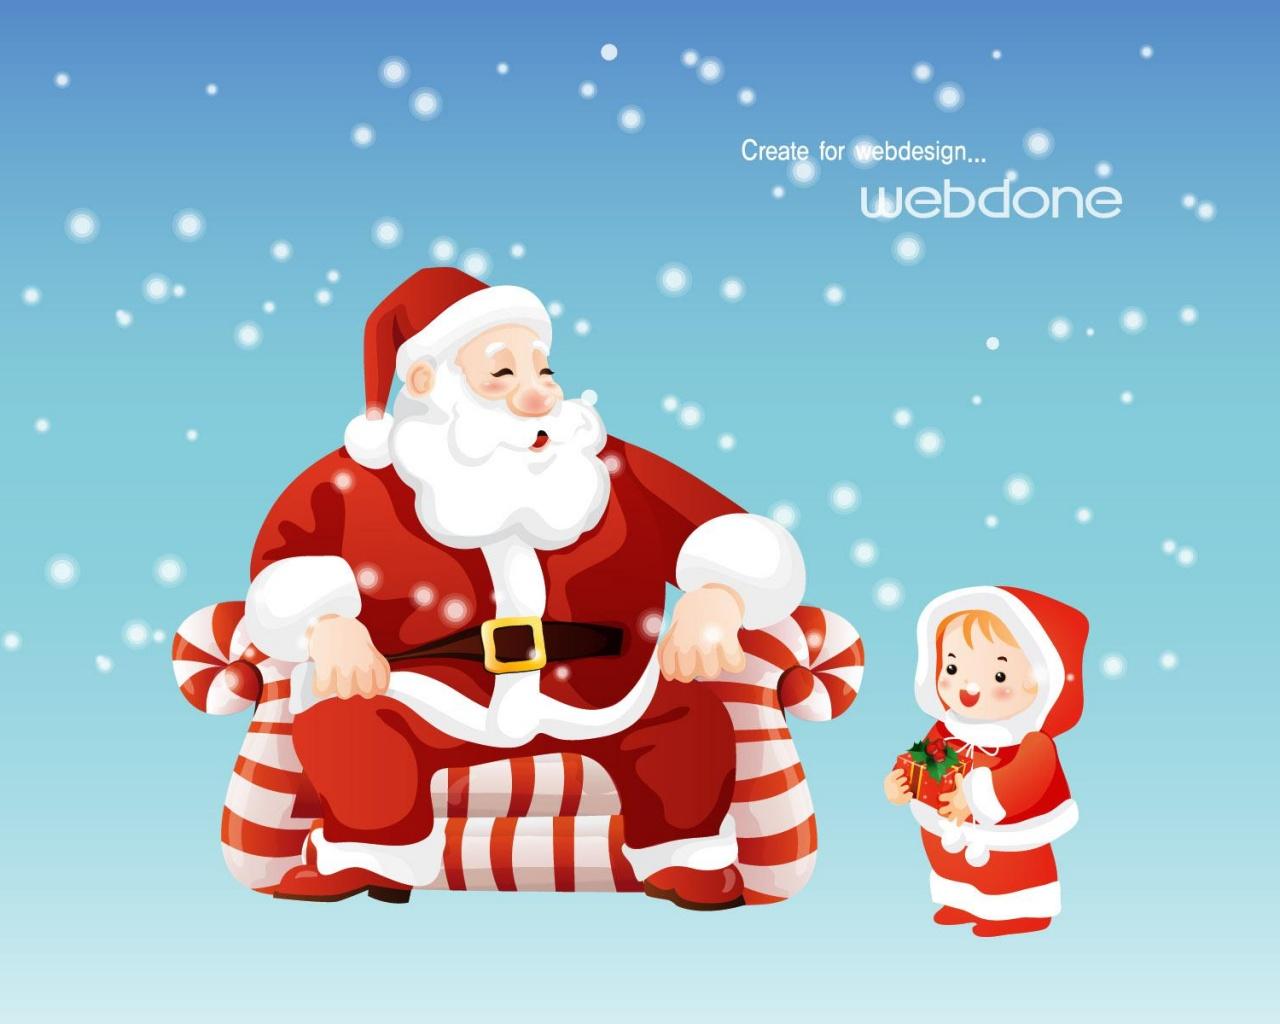 Дед мороз, скачать обои на рабочий стол, Santa Claus wallpaper, фото